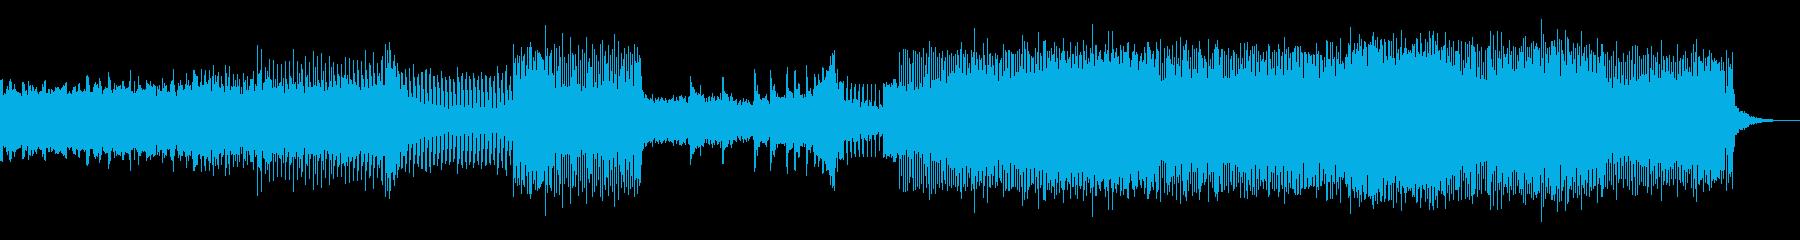 幻想的ホラー 京風ハードテクノエレクトロの再生済みの波形